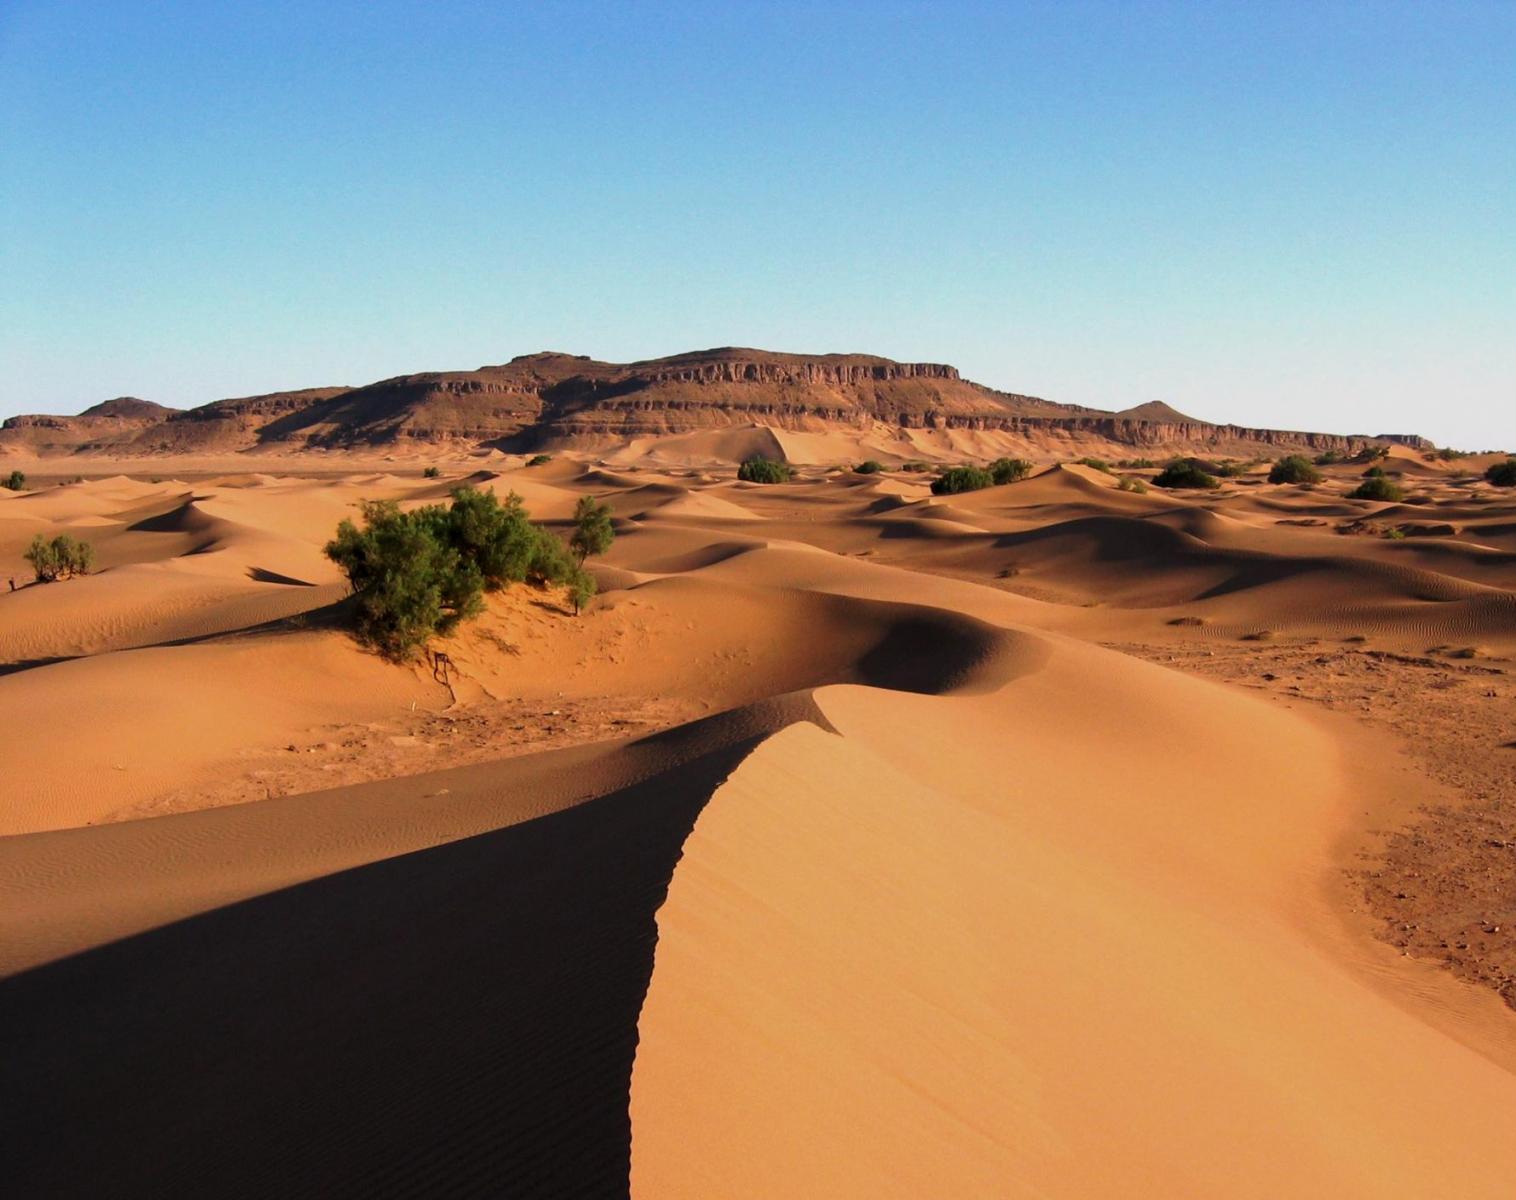 Maroc  Oued Drâa, la rivière sans fin   Trek & Randonnée